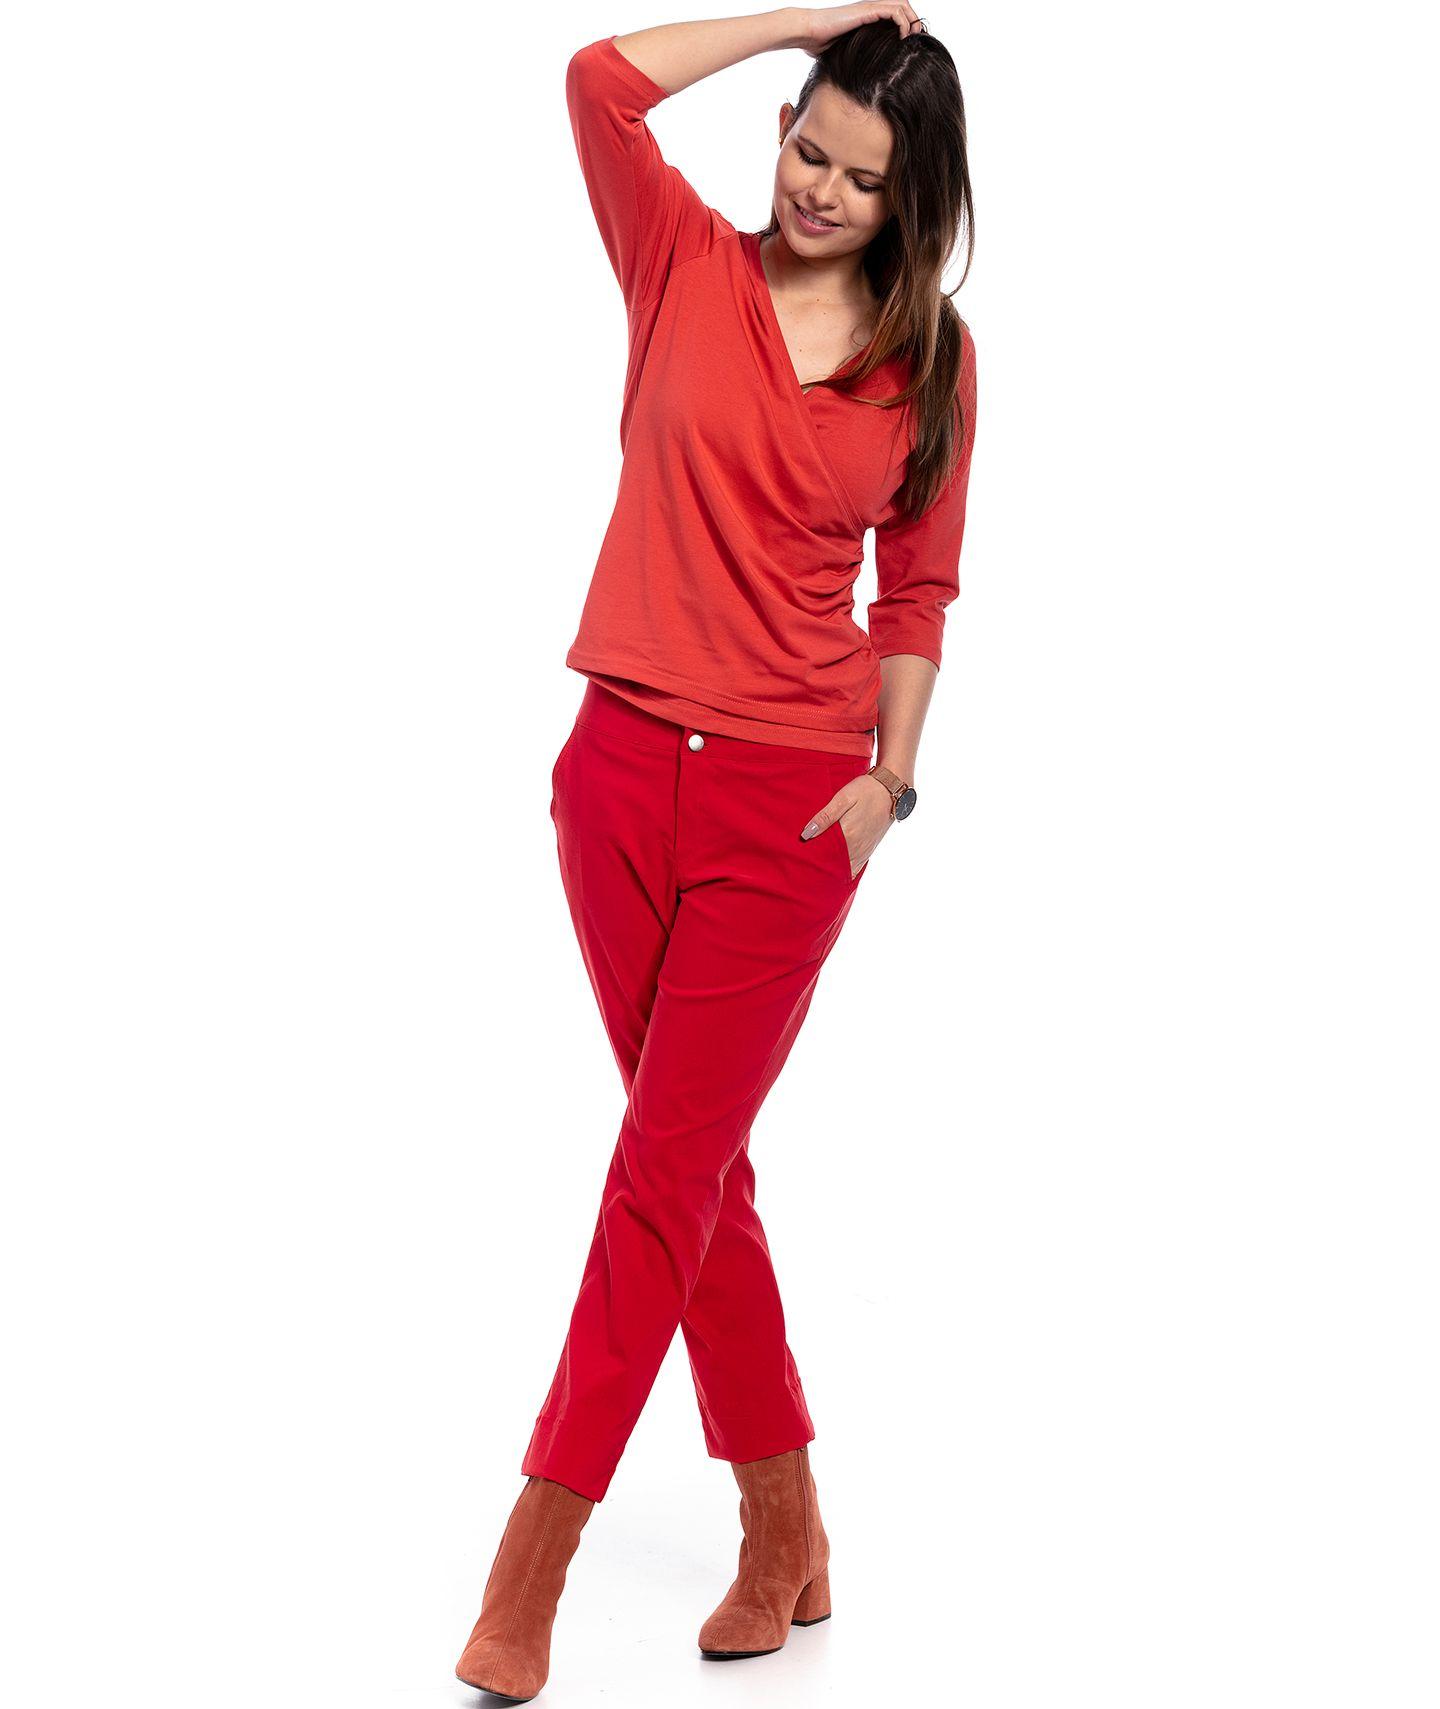 spodnie PANAMA pants red